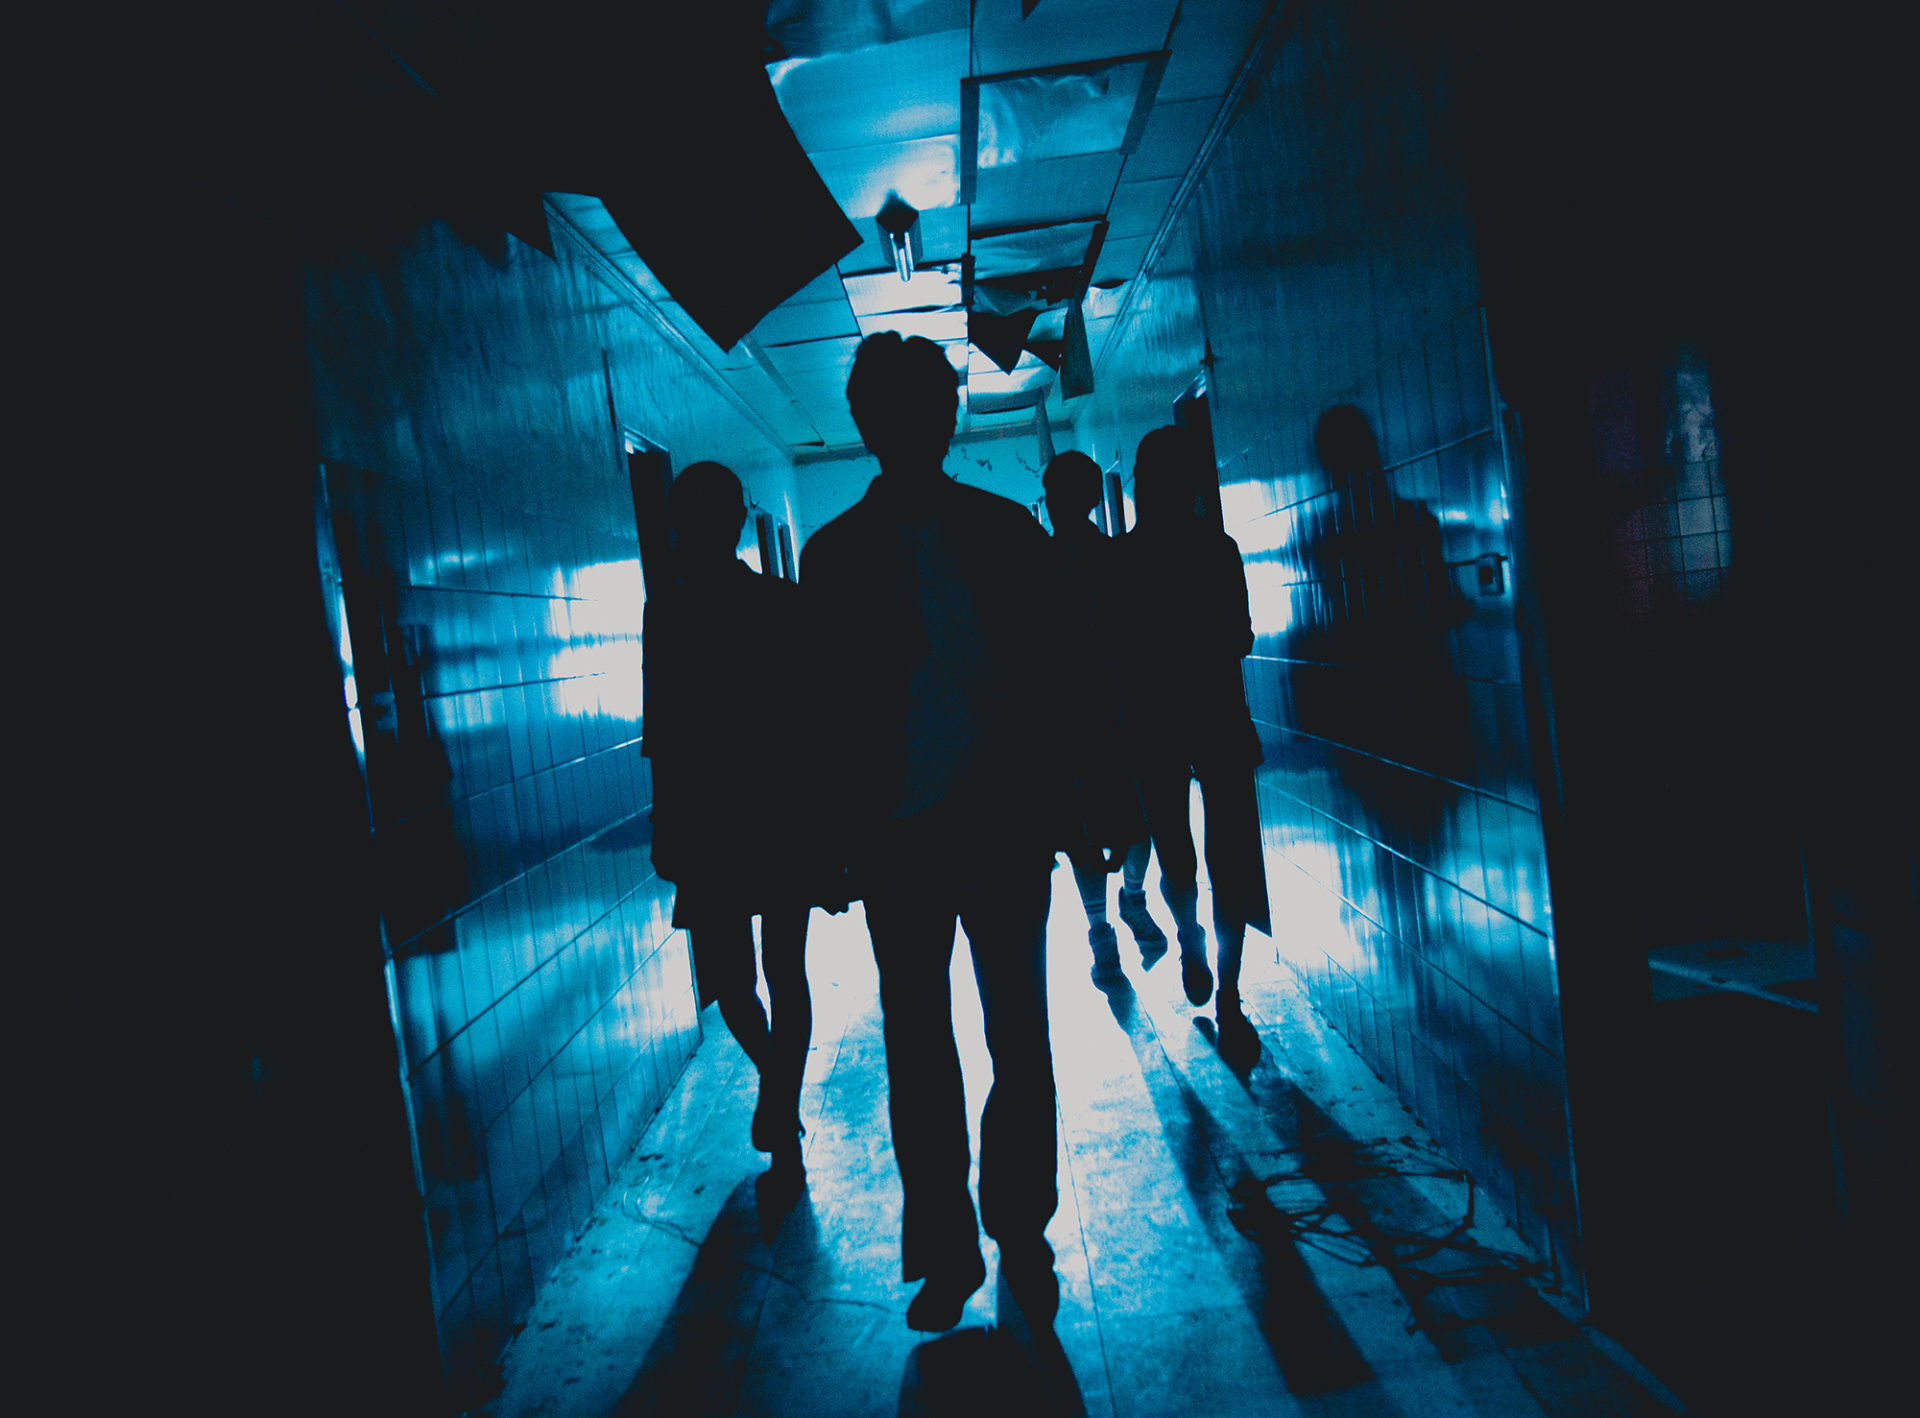 《杏林醫院》受新冠肺炎疫情衝擊 上映時機太敏感決定延檔